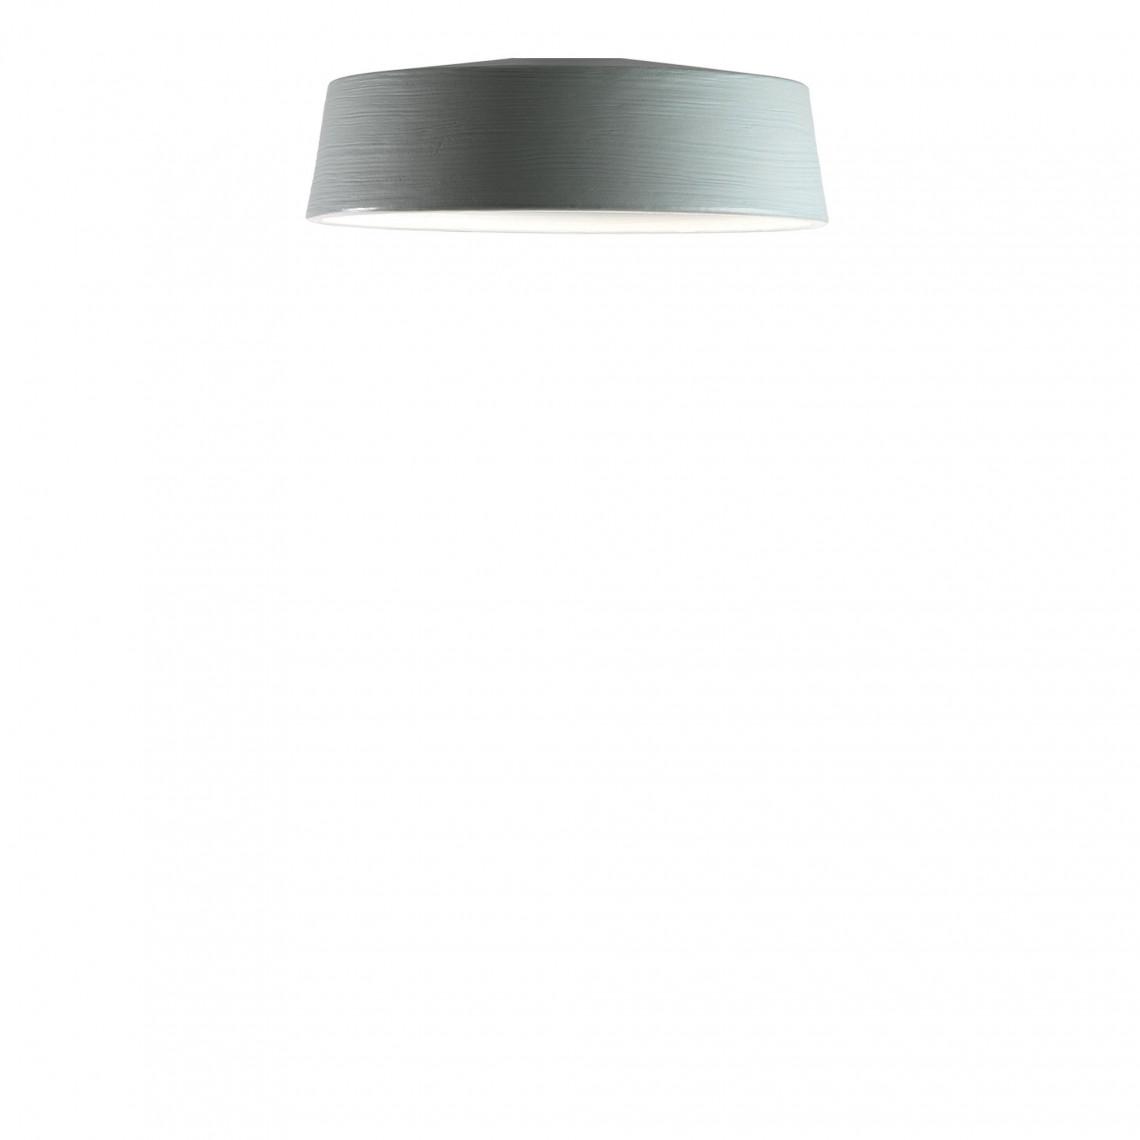 Soho C - Ceiling Lamp Sky Blue